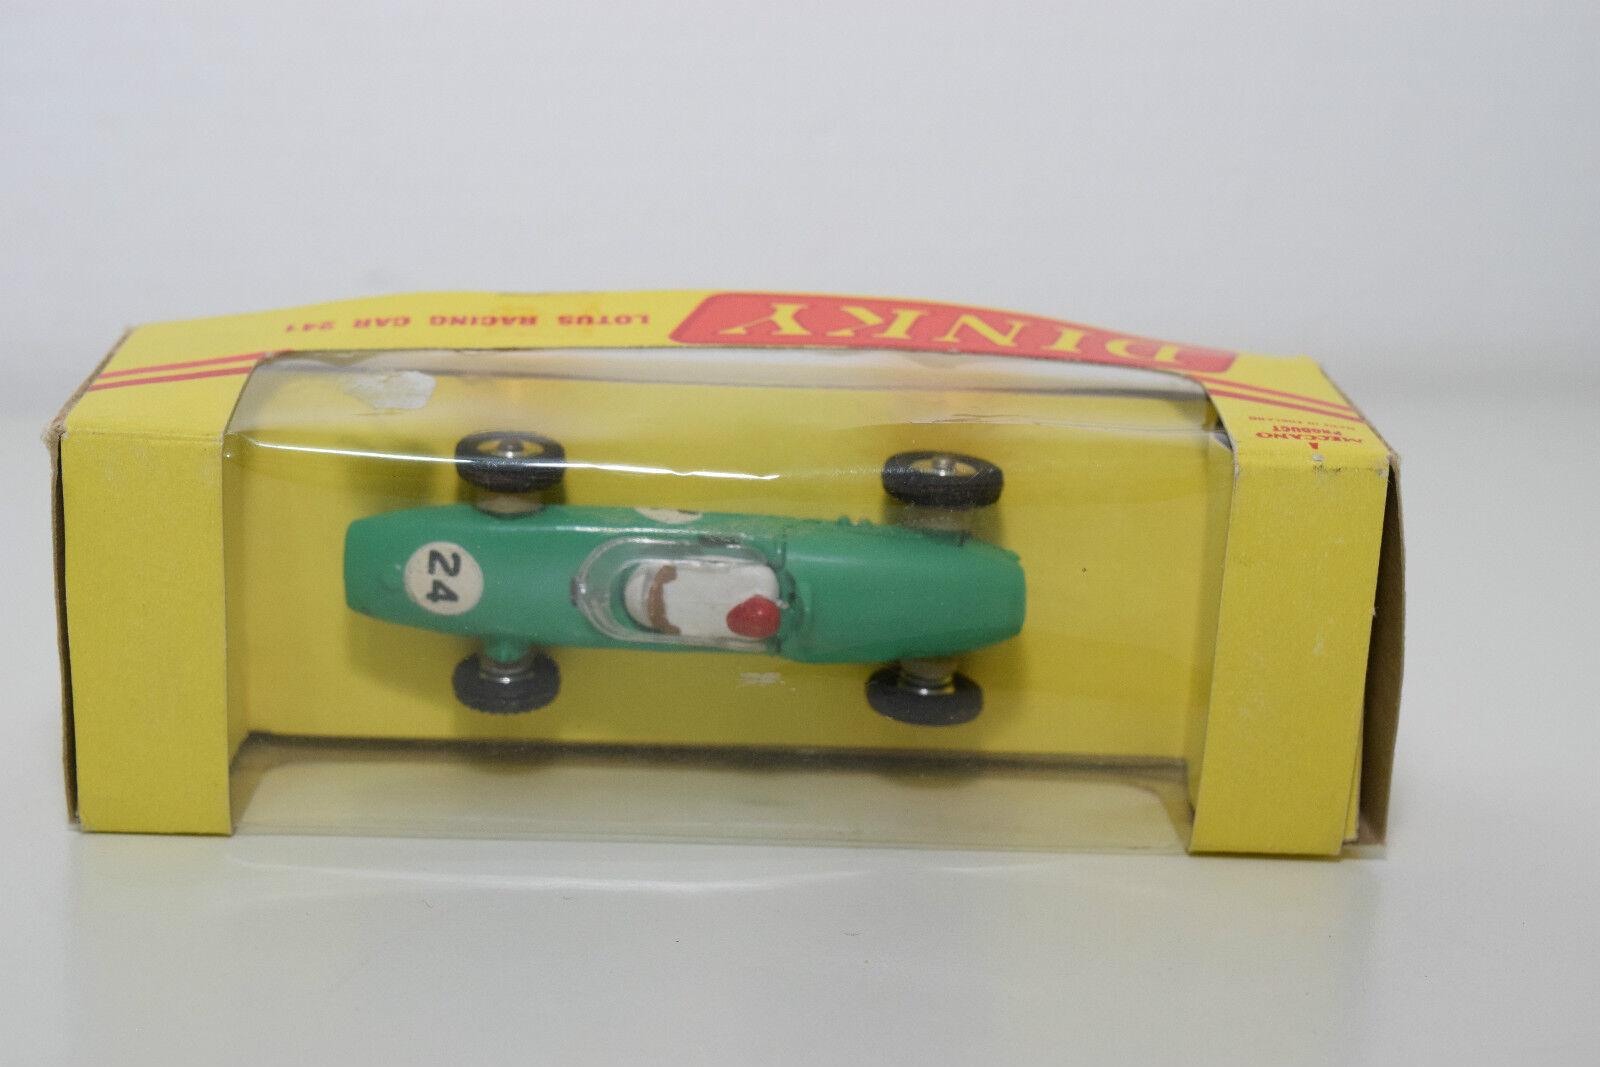 Schäbiges spielzeug 241 lotus - rennwagen grün grün grün - roten helm export - box im mint - boxen 0b8888